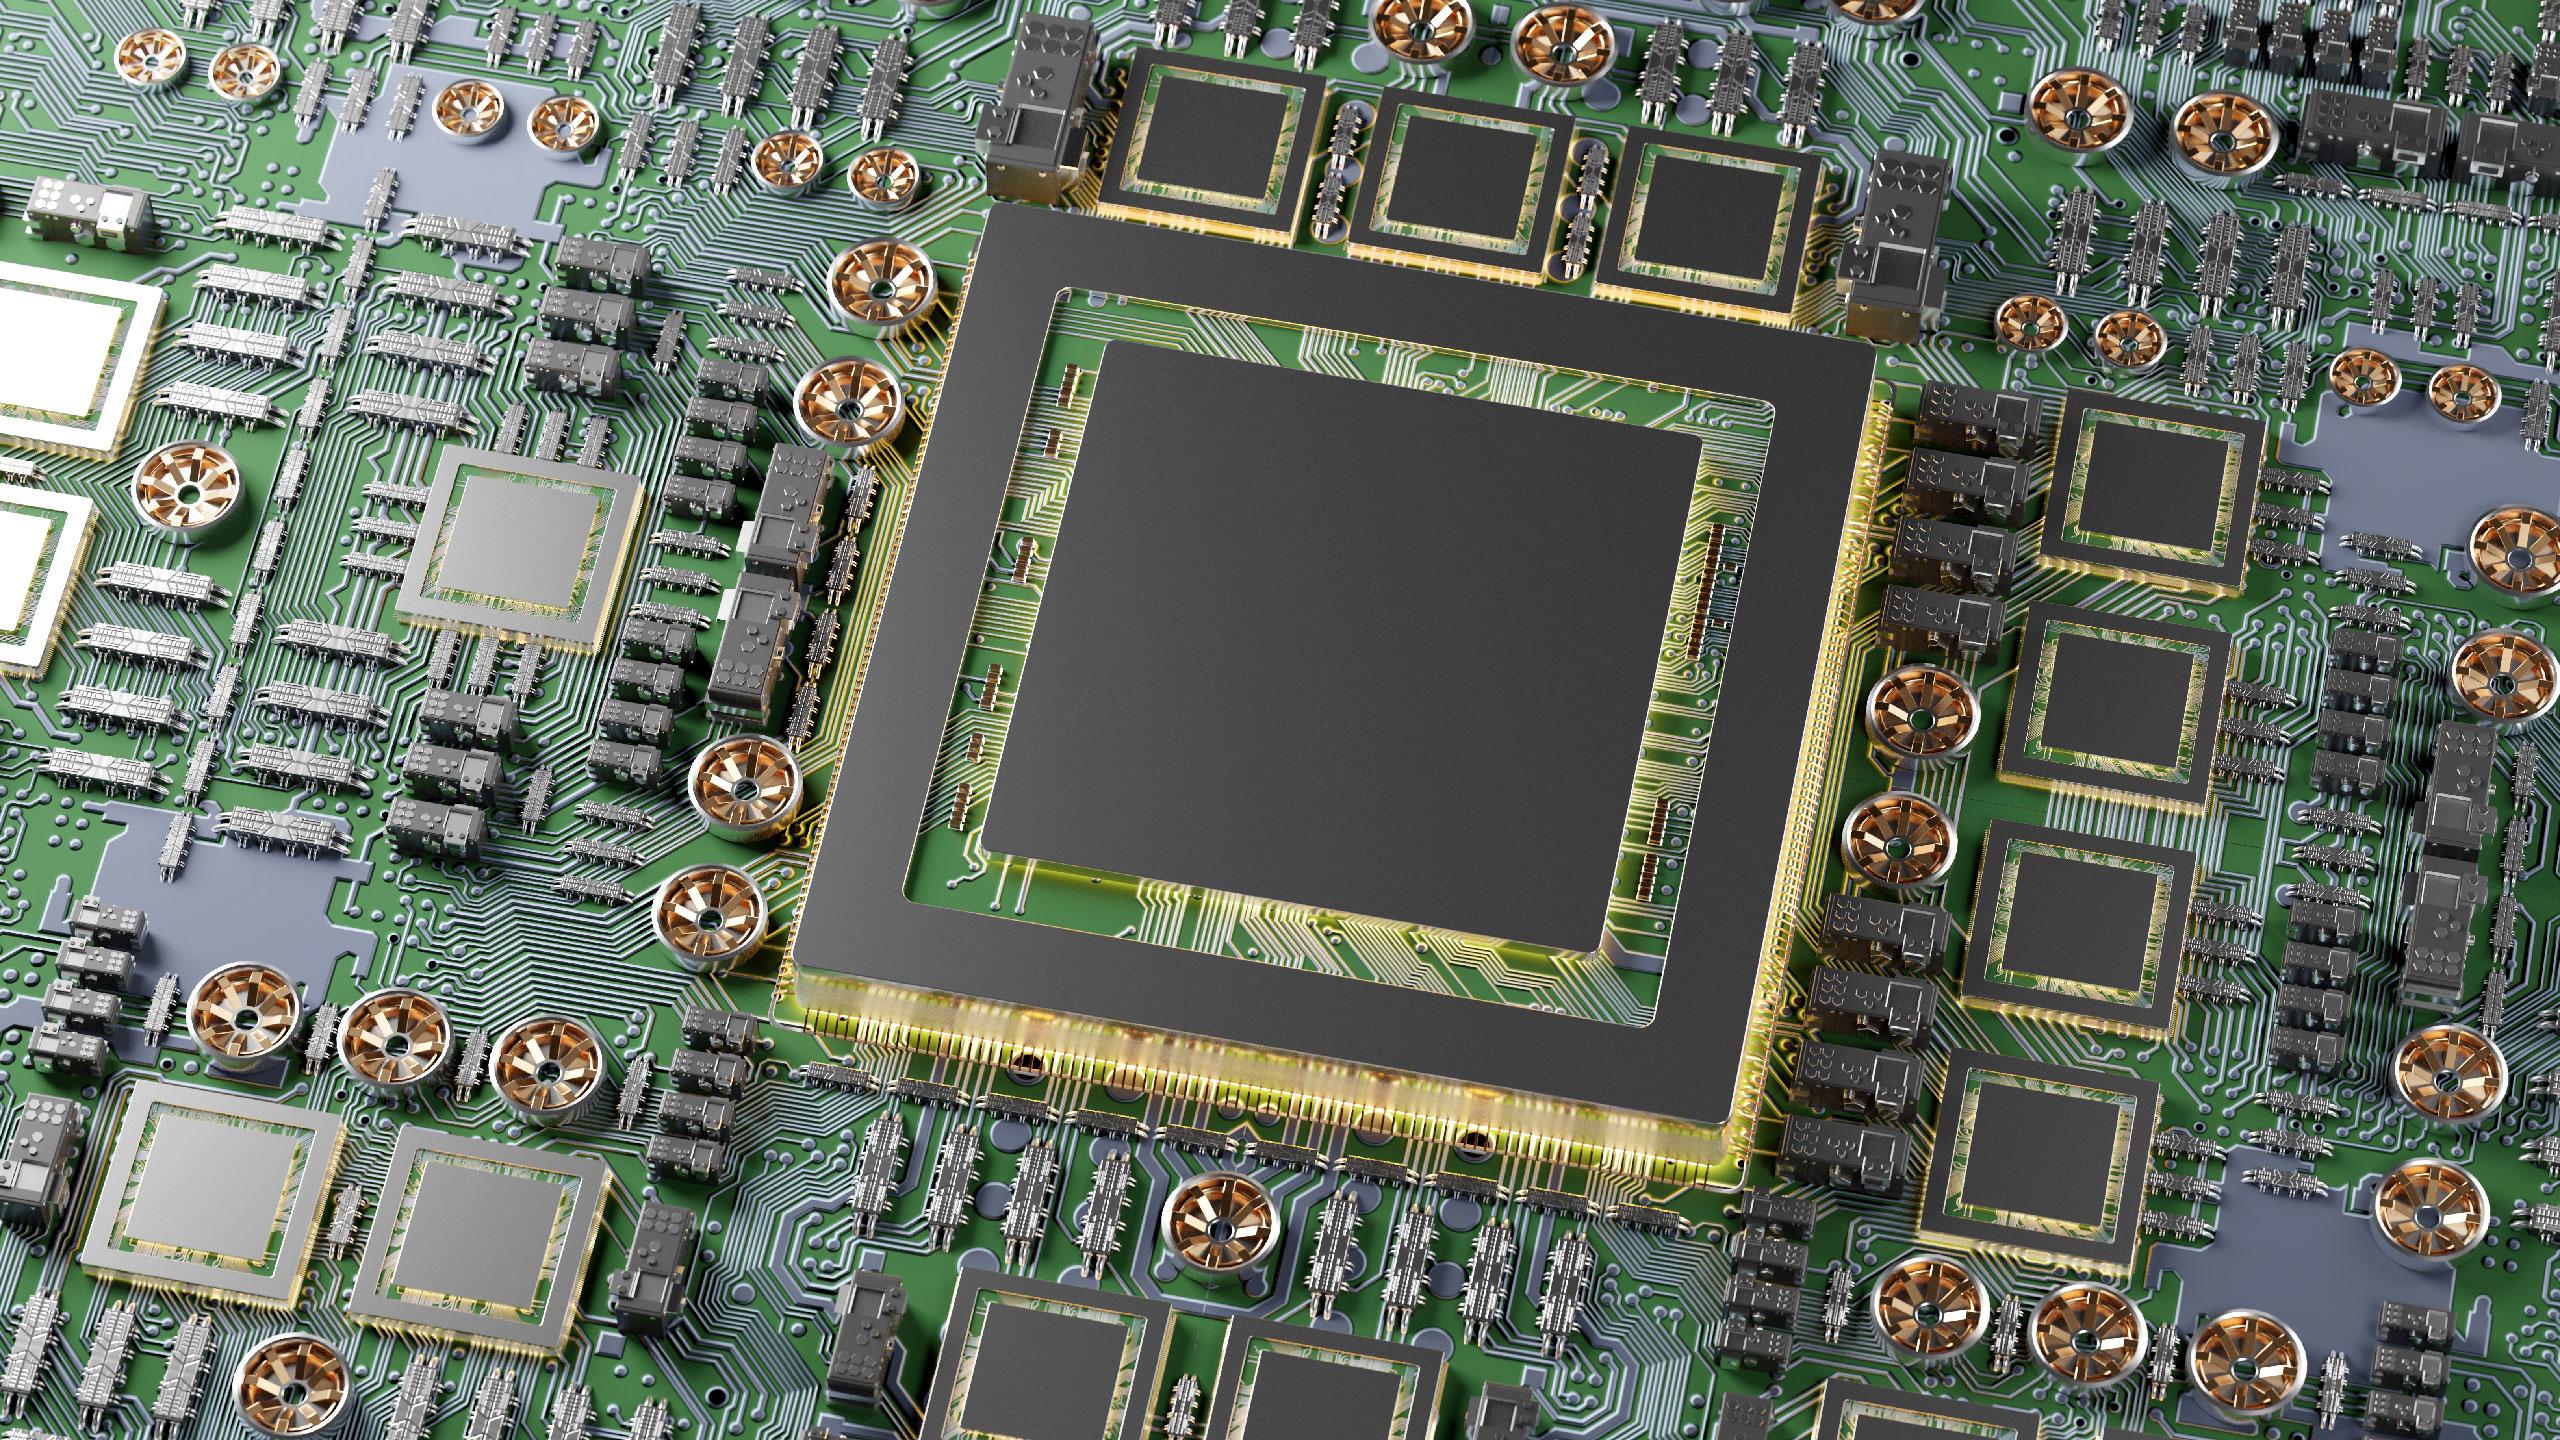 Micron подтверждает, что NVIDIA GeForce RTX 3090 получит память GDDR6X со скоростью 21 Гбит/с